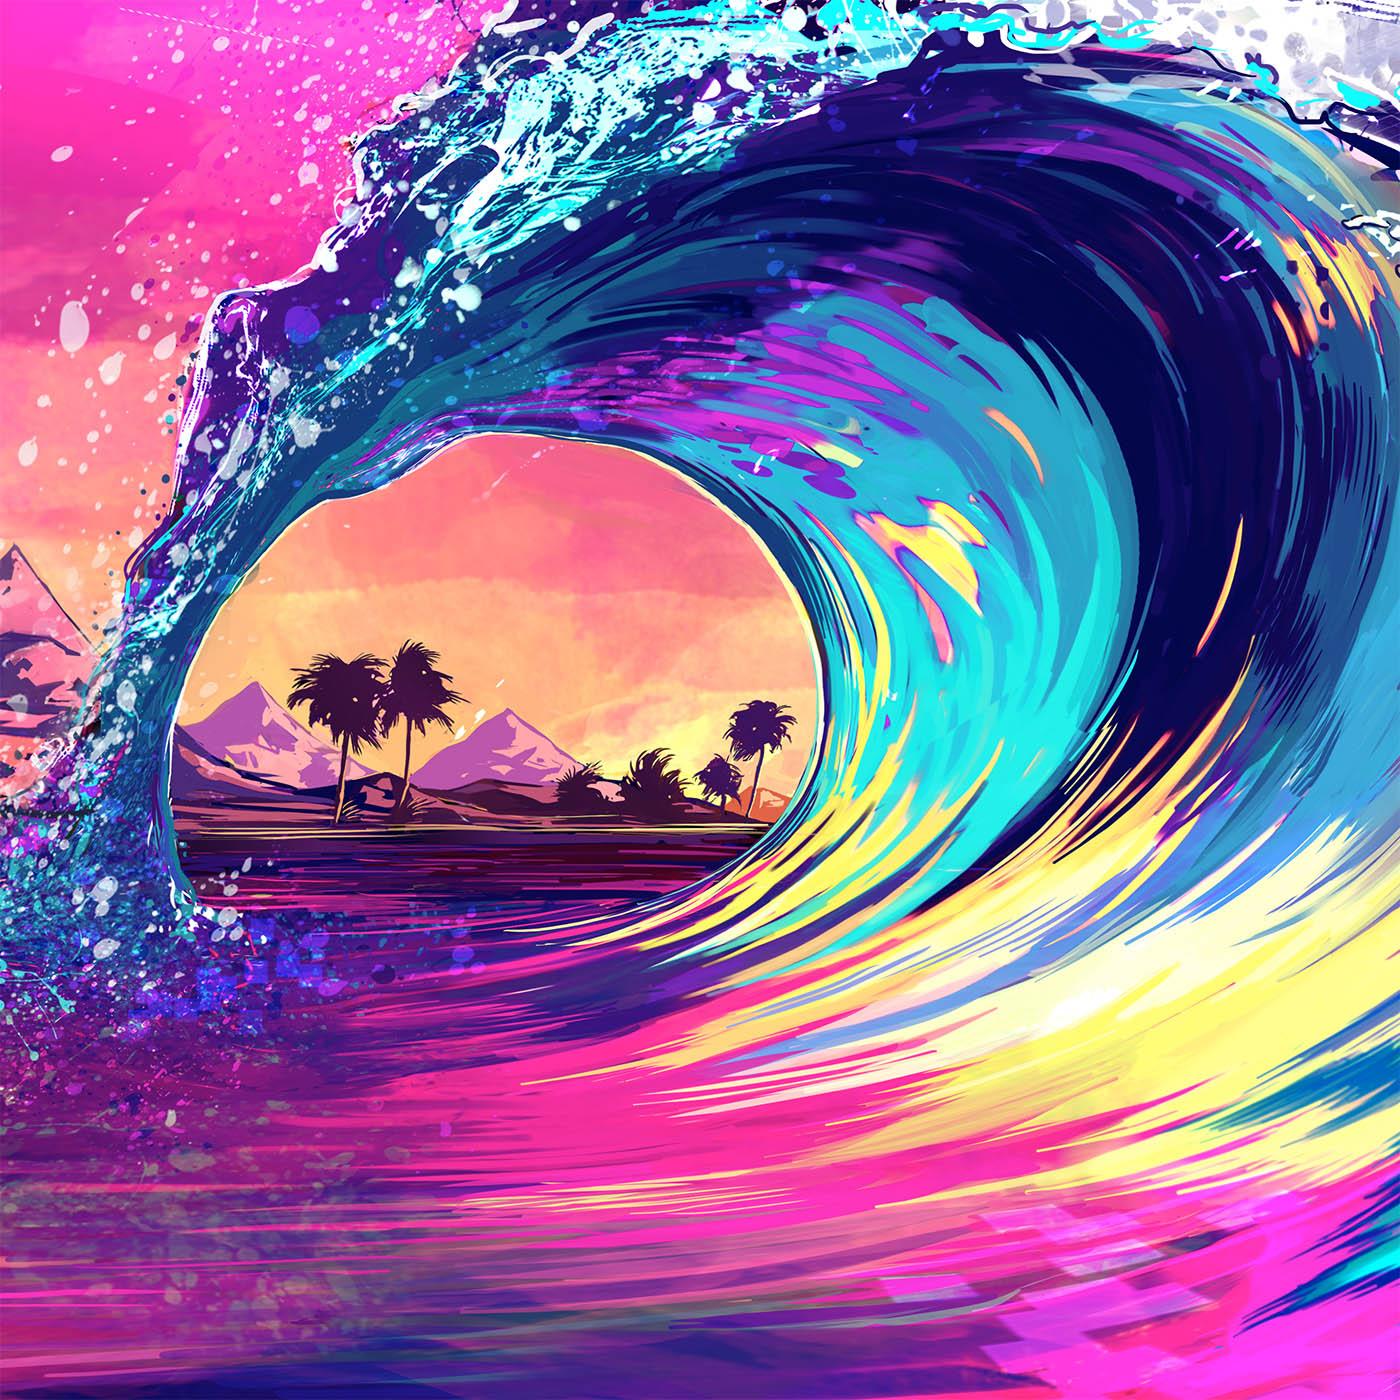 Ocean by ocean (pack shot)